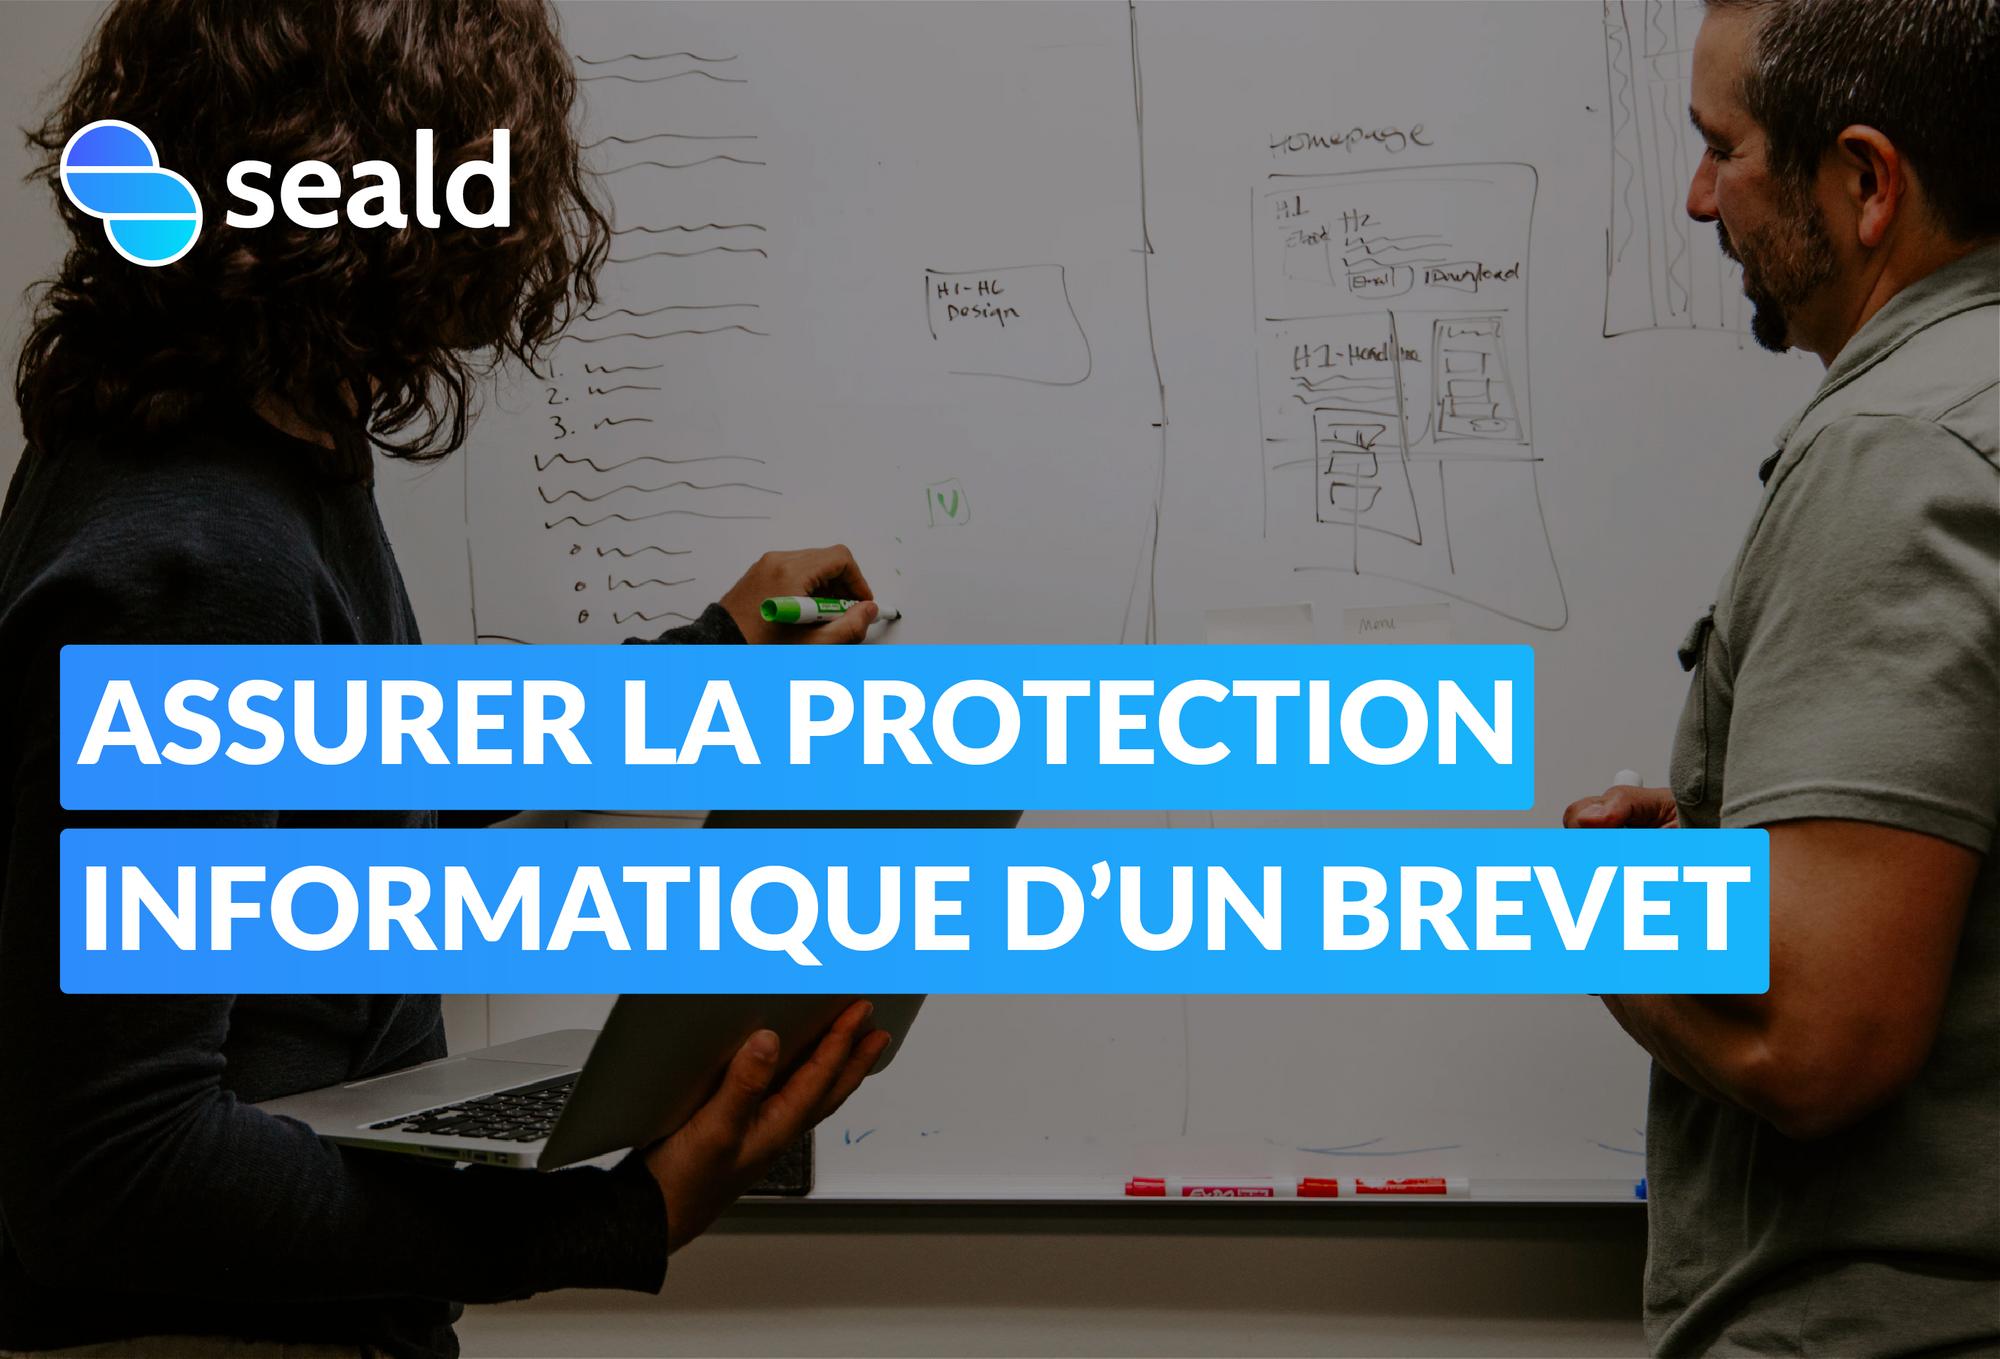 Comment assurer la protection informatique d'un brevet ?